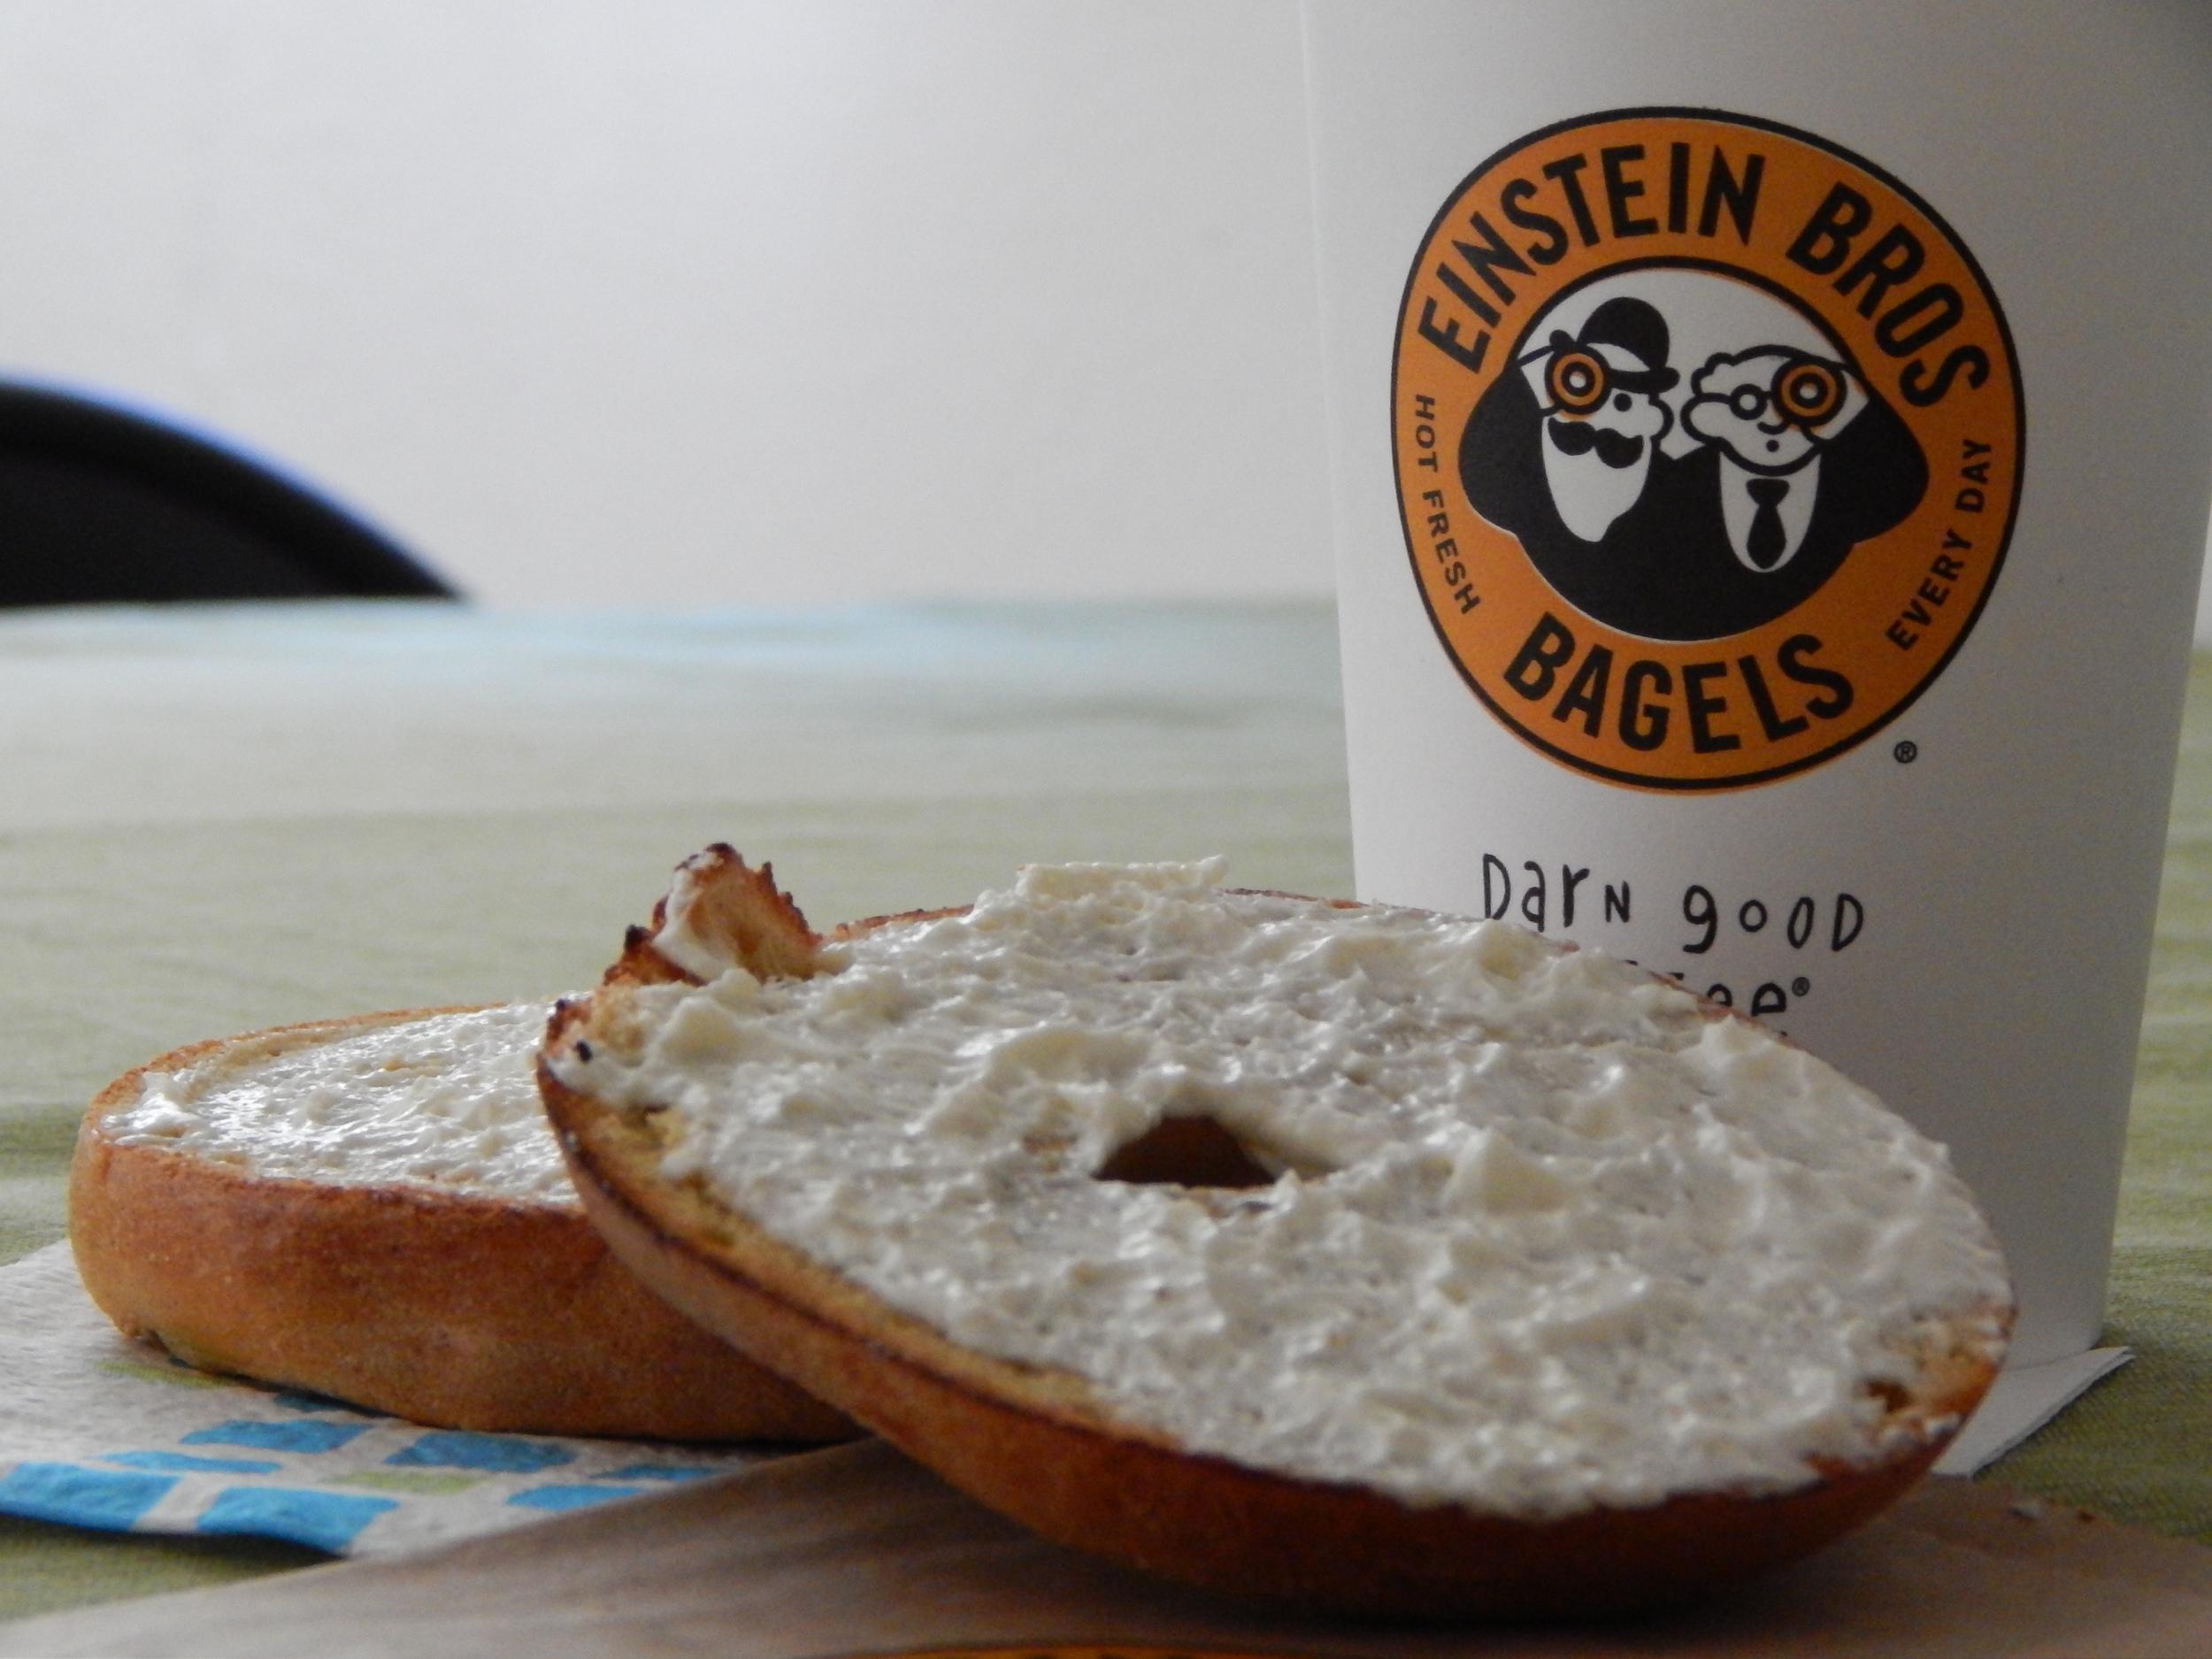 Einstein Bagel's pumpkin bagel with cream cheese.